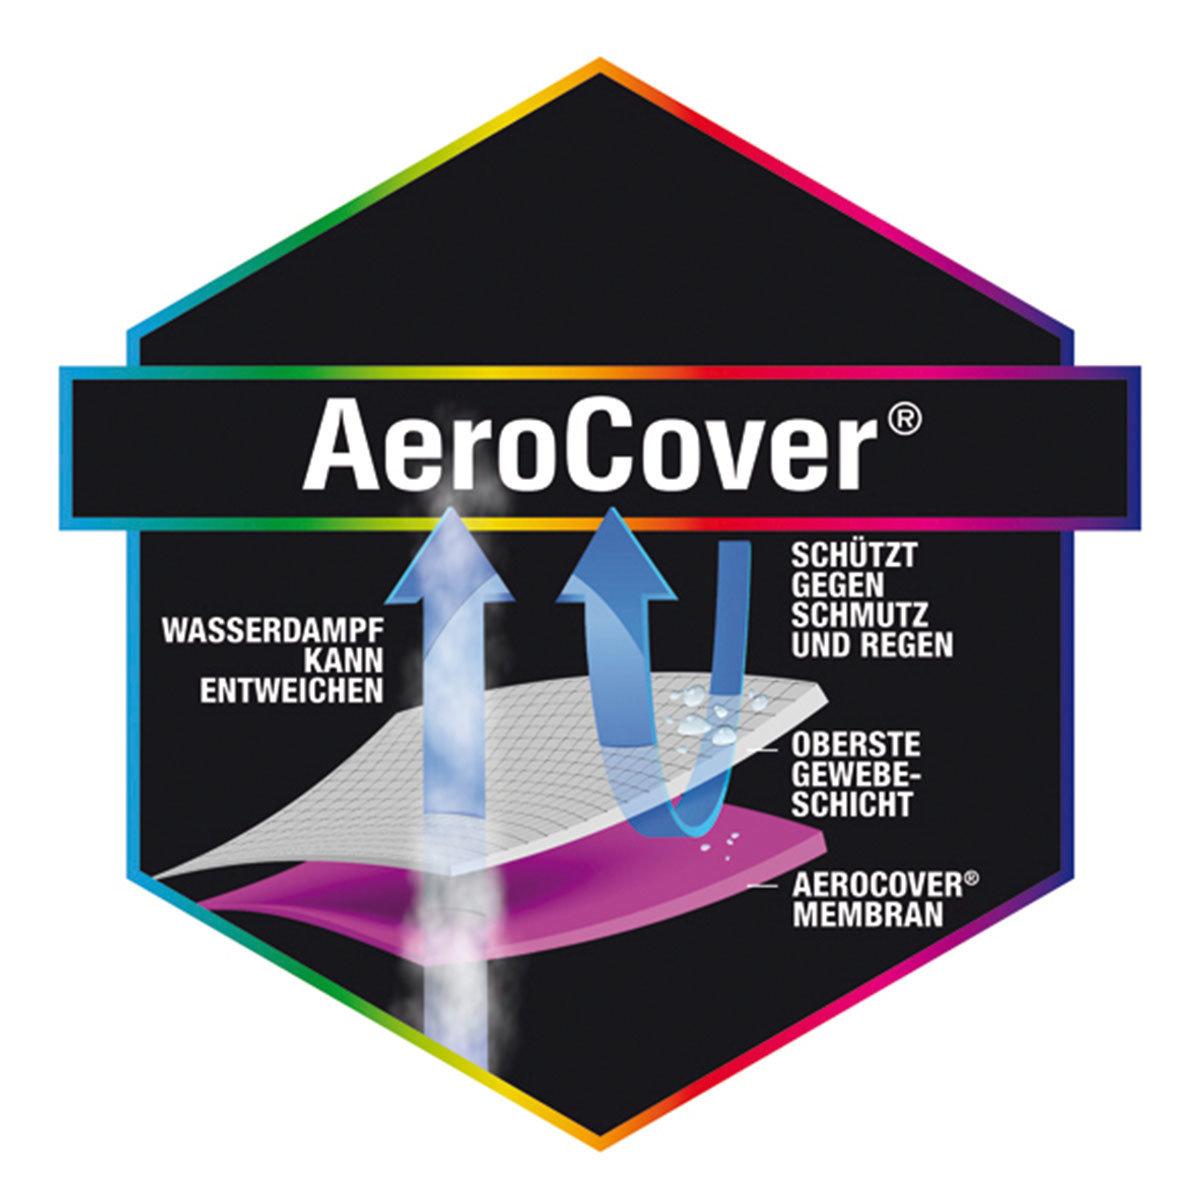 Schutzhülle AeroCover für Bänke, 160 cm | #4